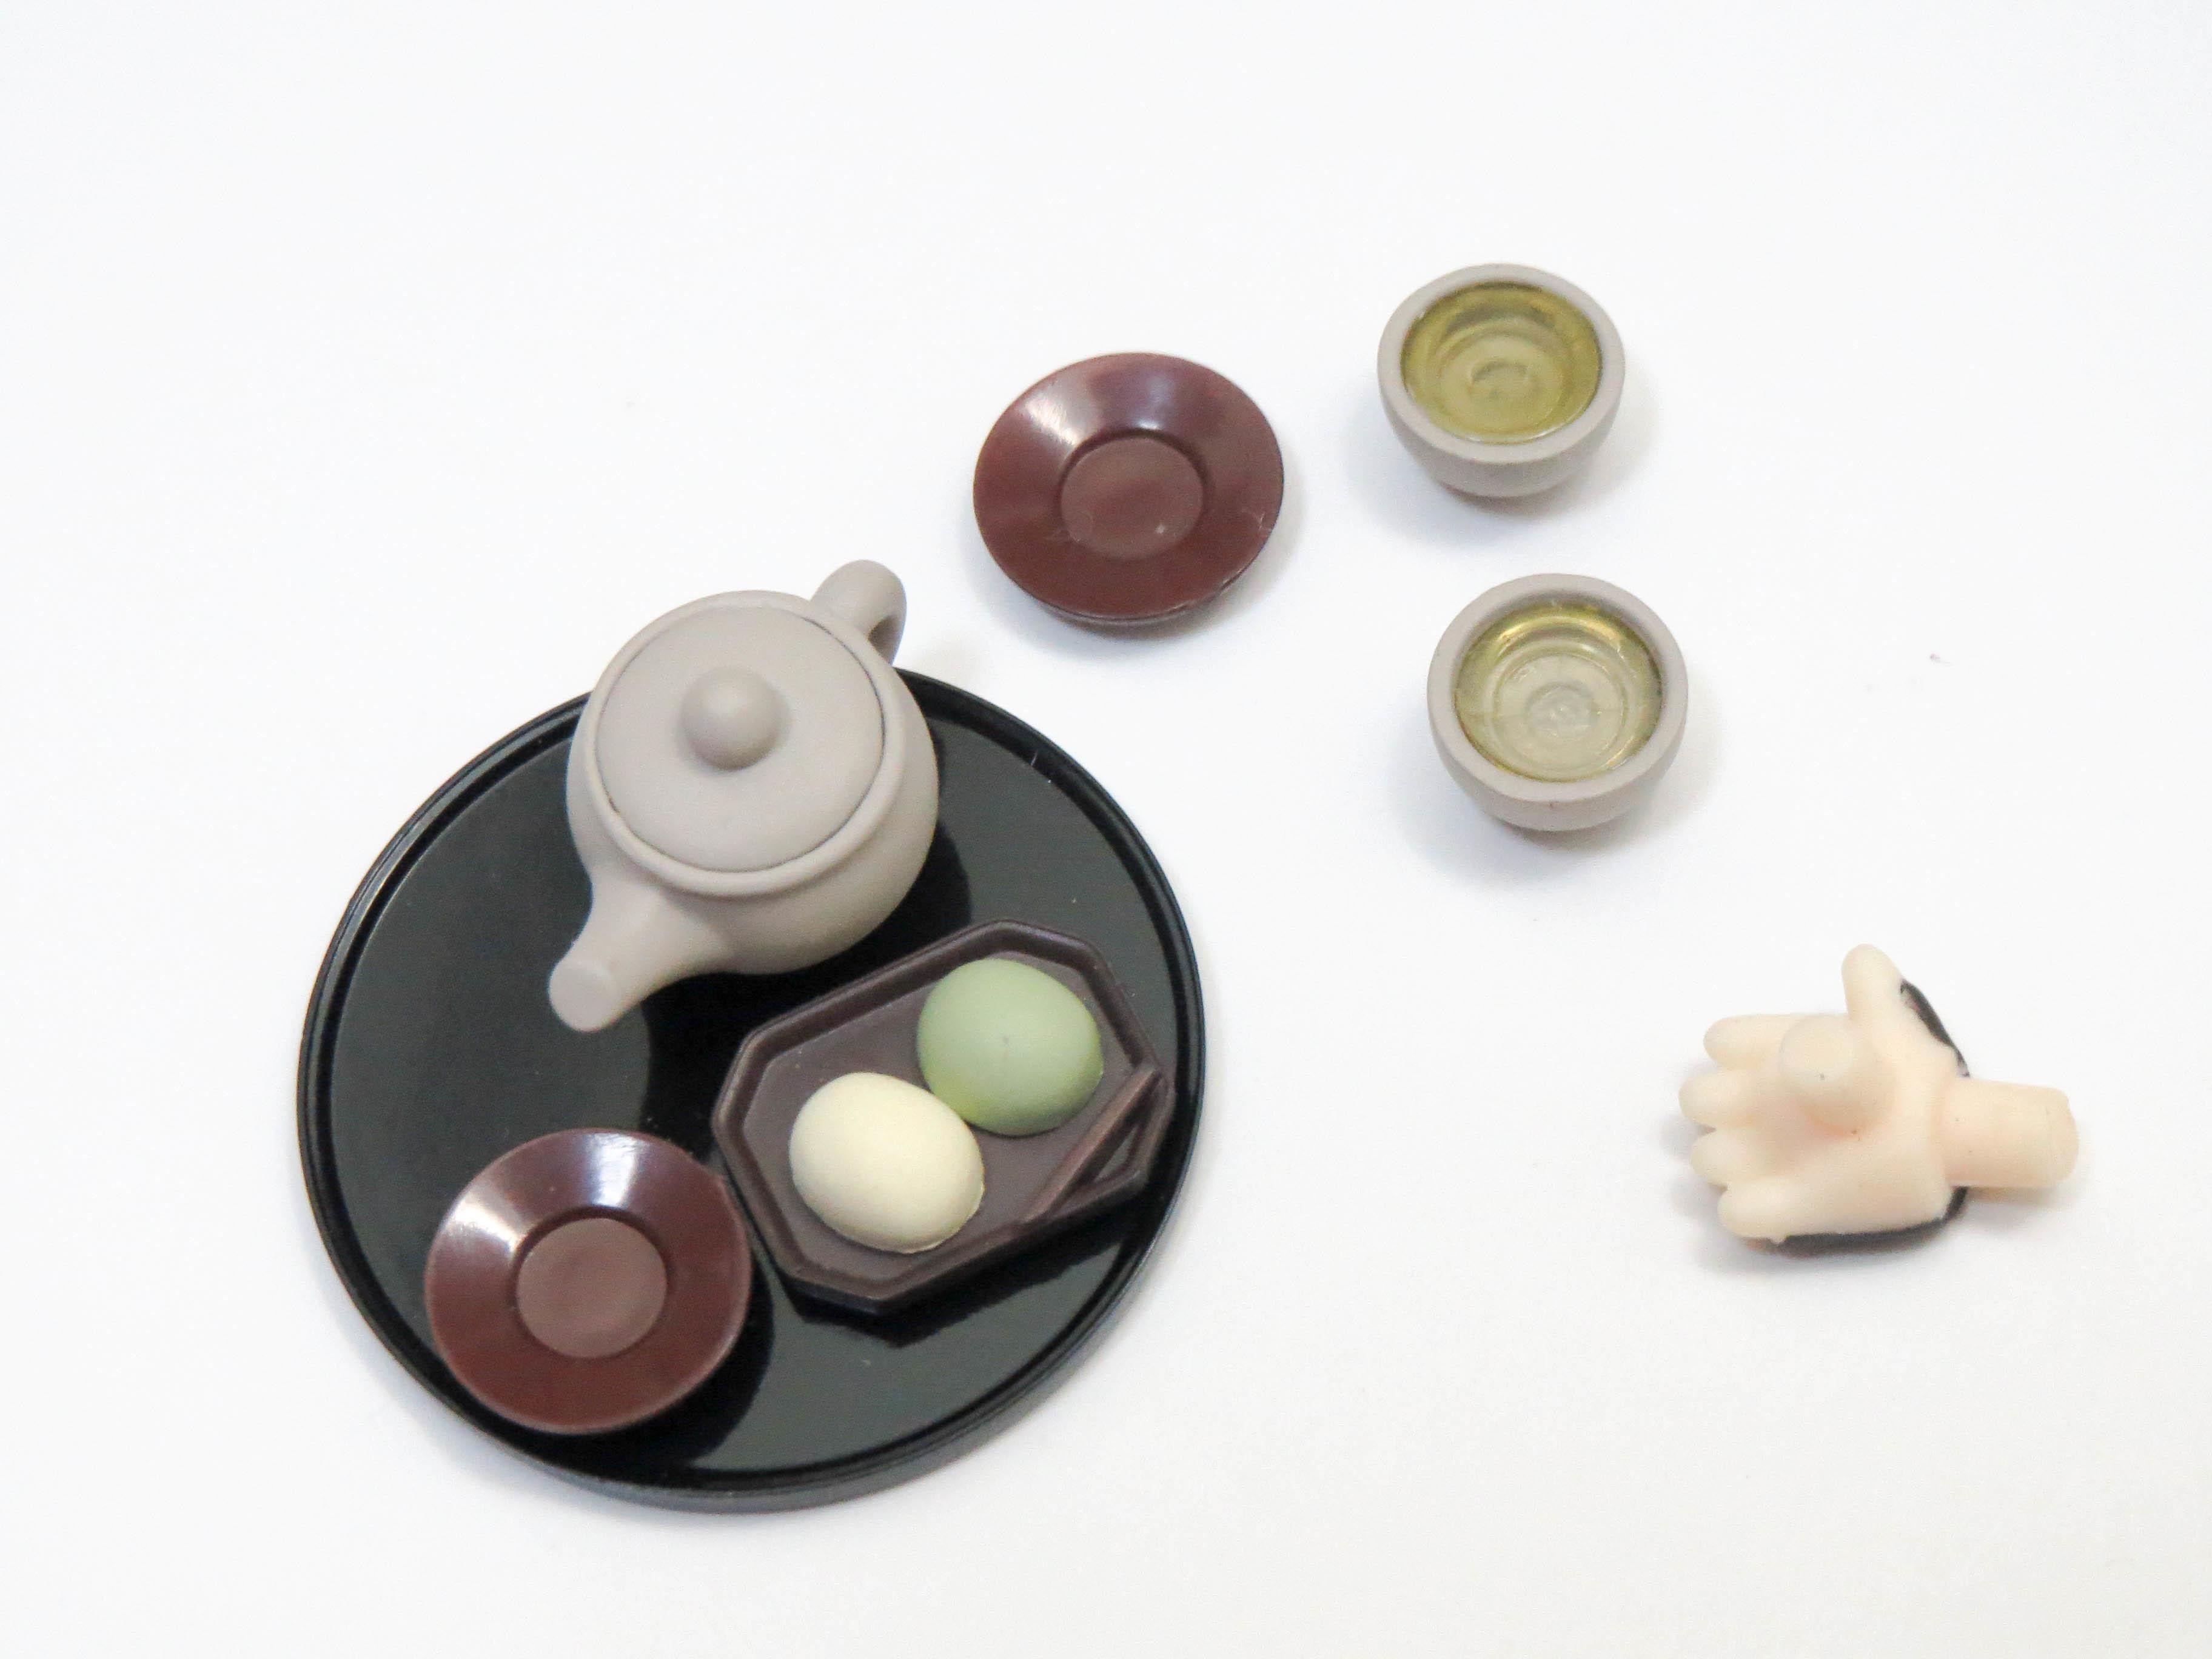 再入荷【792】 鶯丸 小物パーツ 茶器と和菓子 ねんどろいど